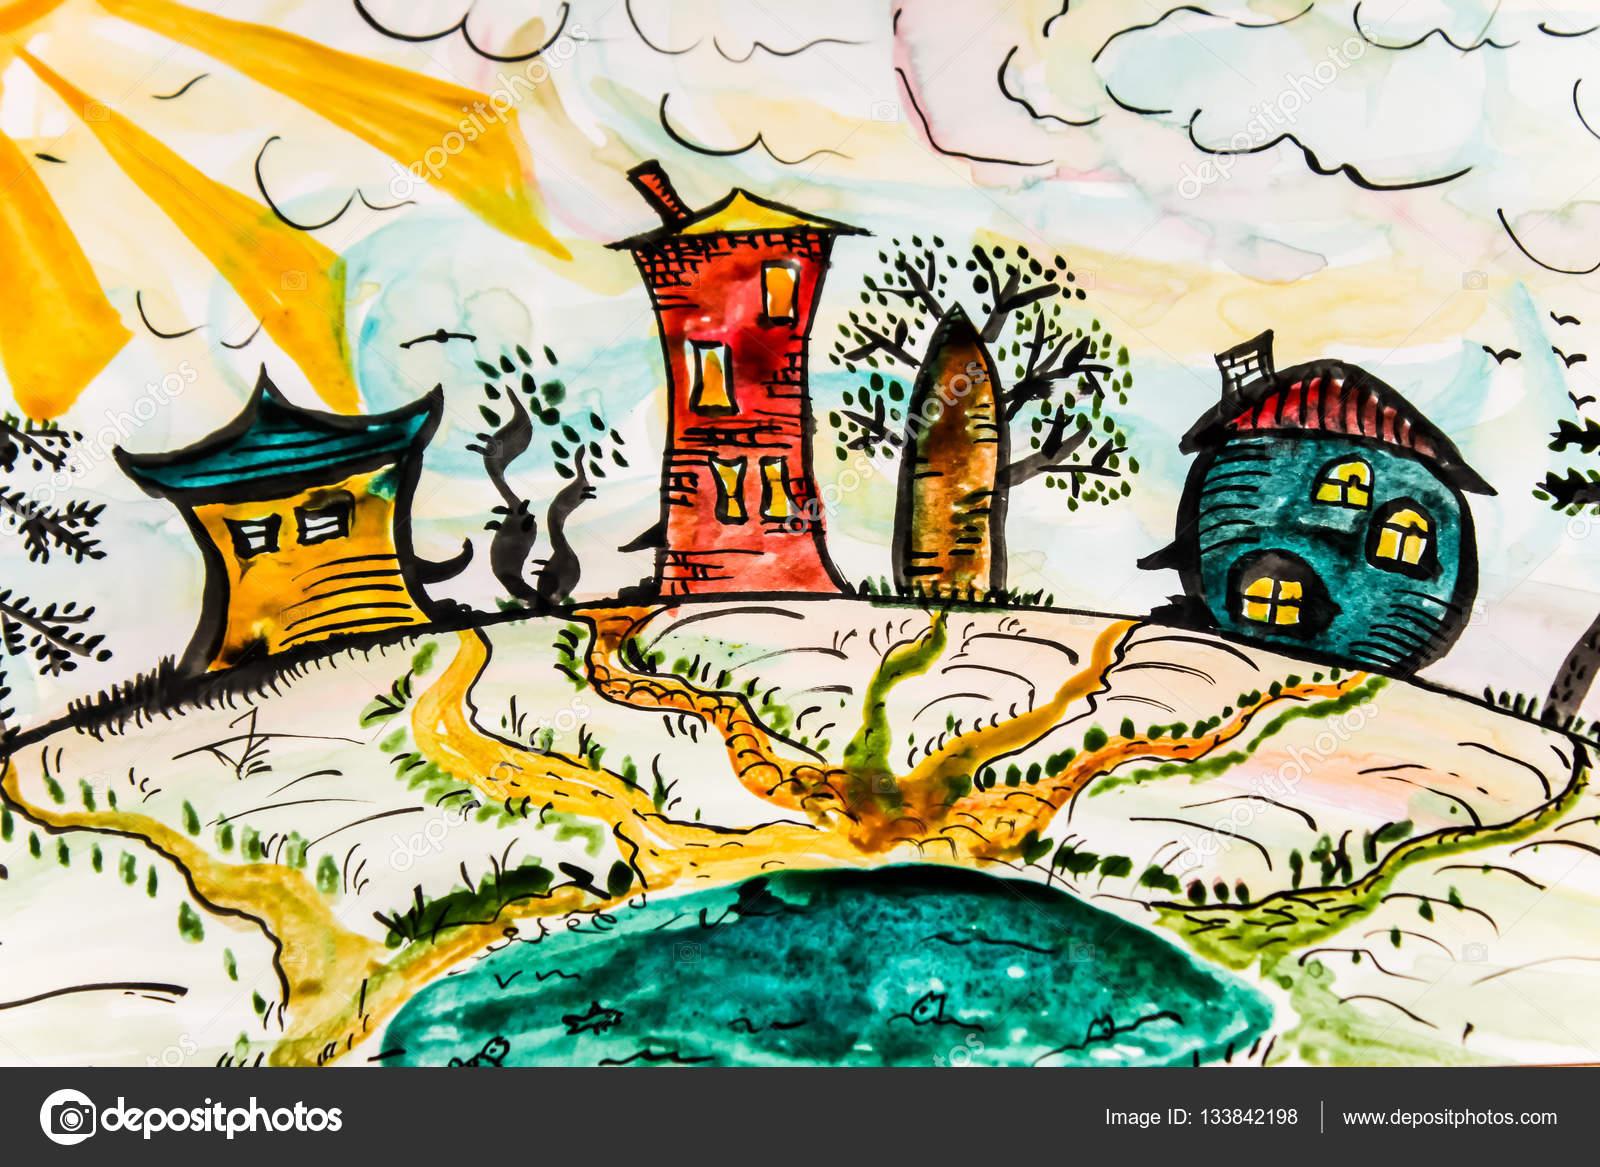 Disegno Di Un Bambino : Disegno di un bambino con case astrazione creativity.3 u2014 foto